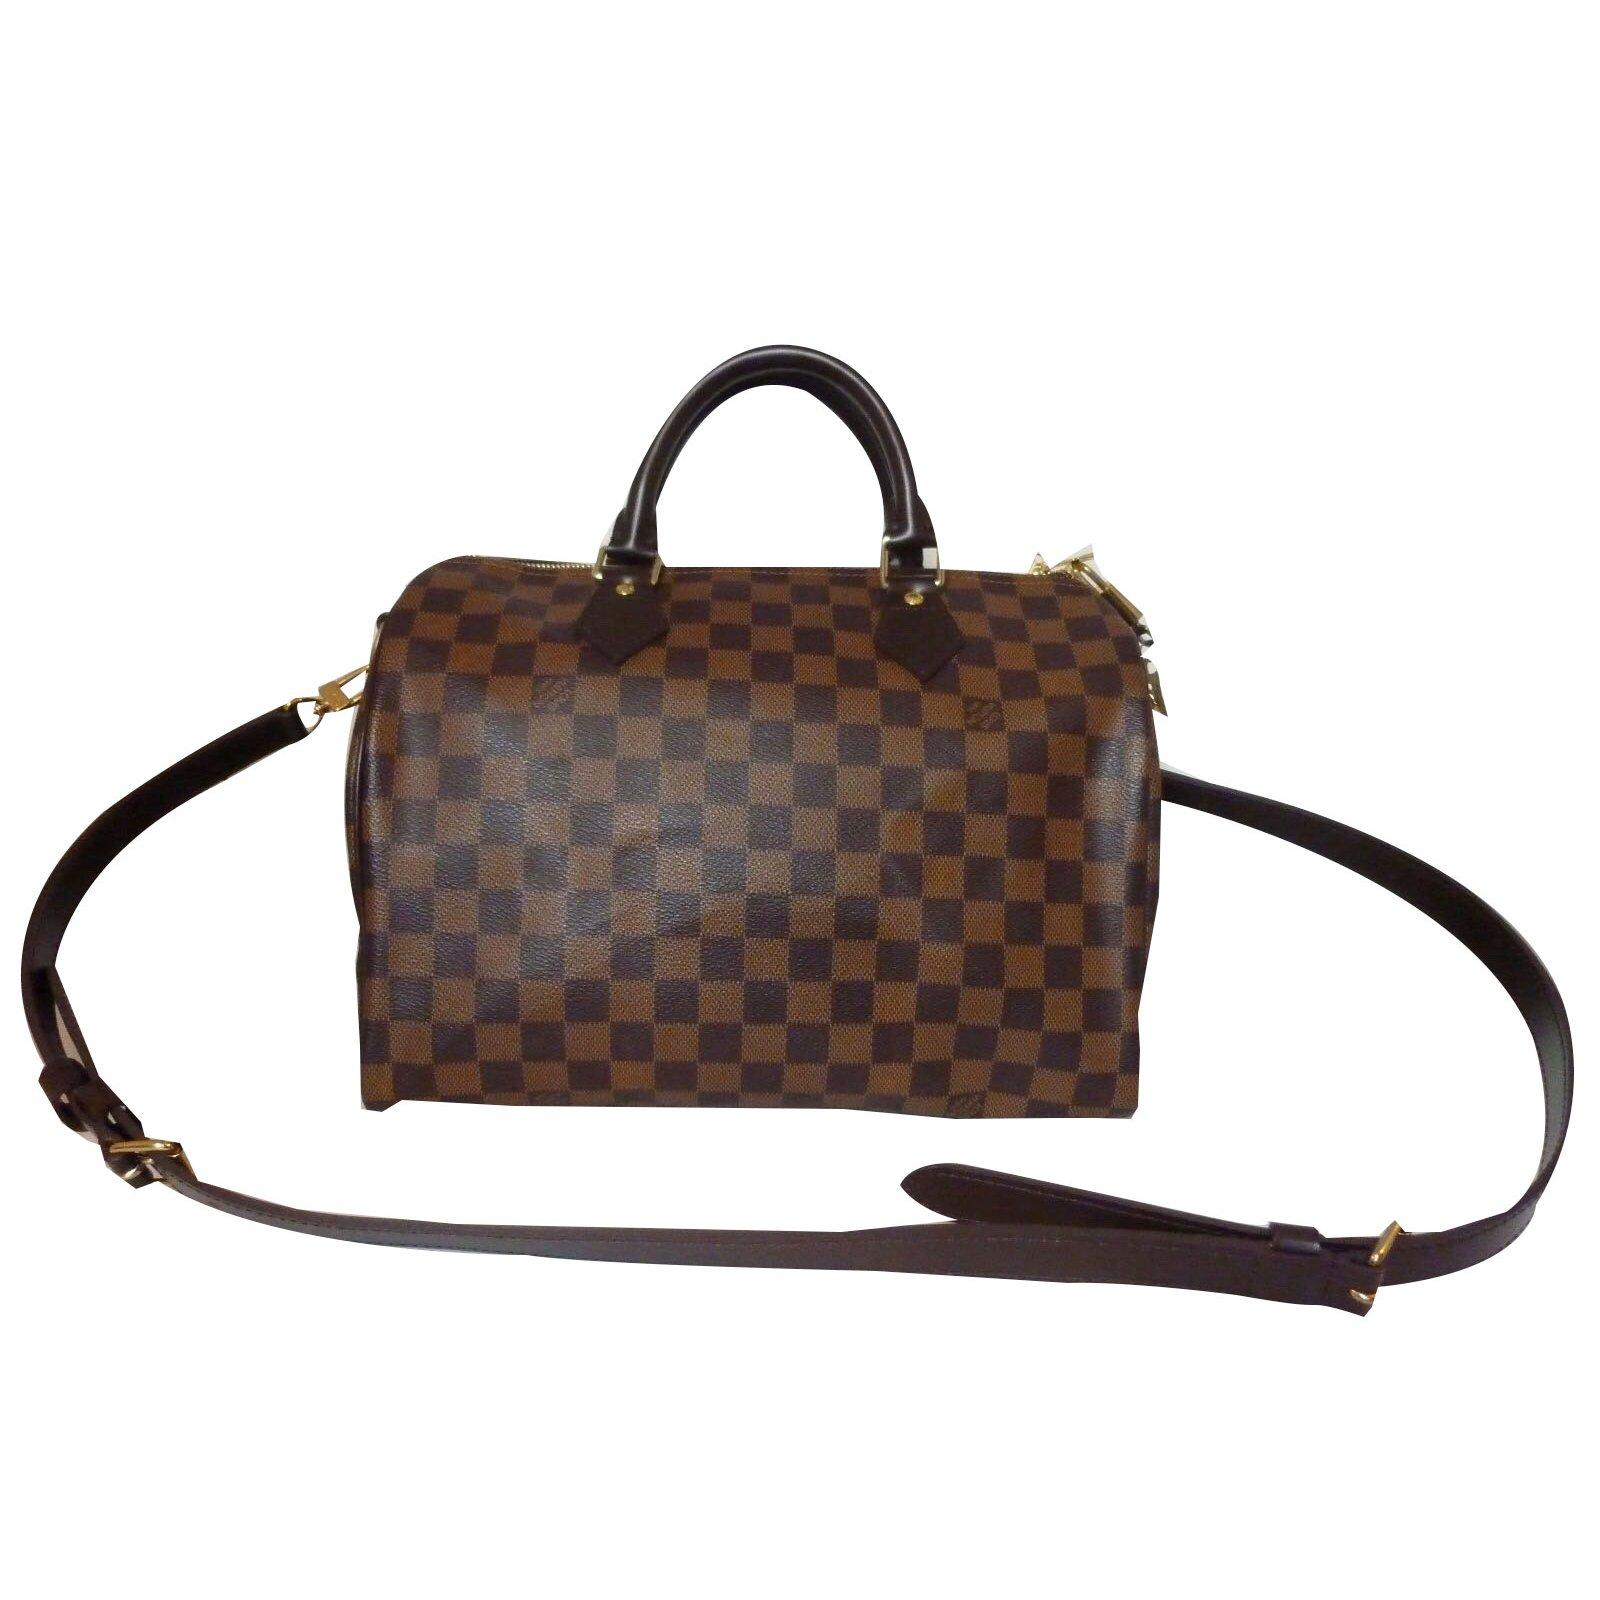 0825eb37865 Premier Sac Louis Vuitton